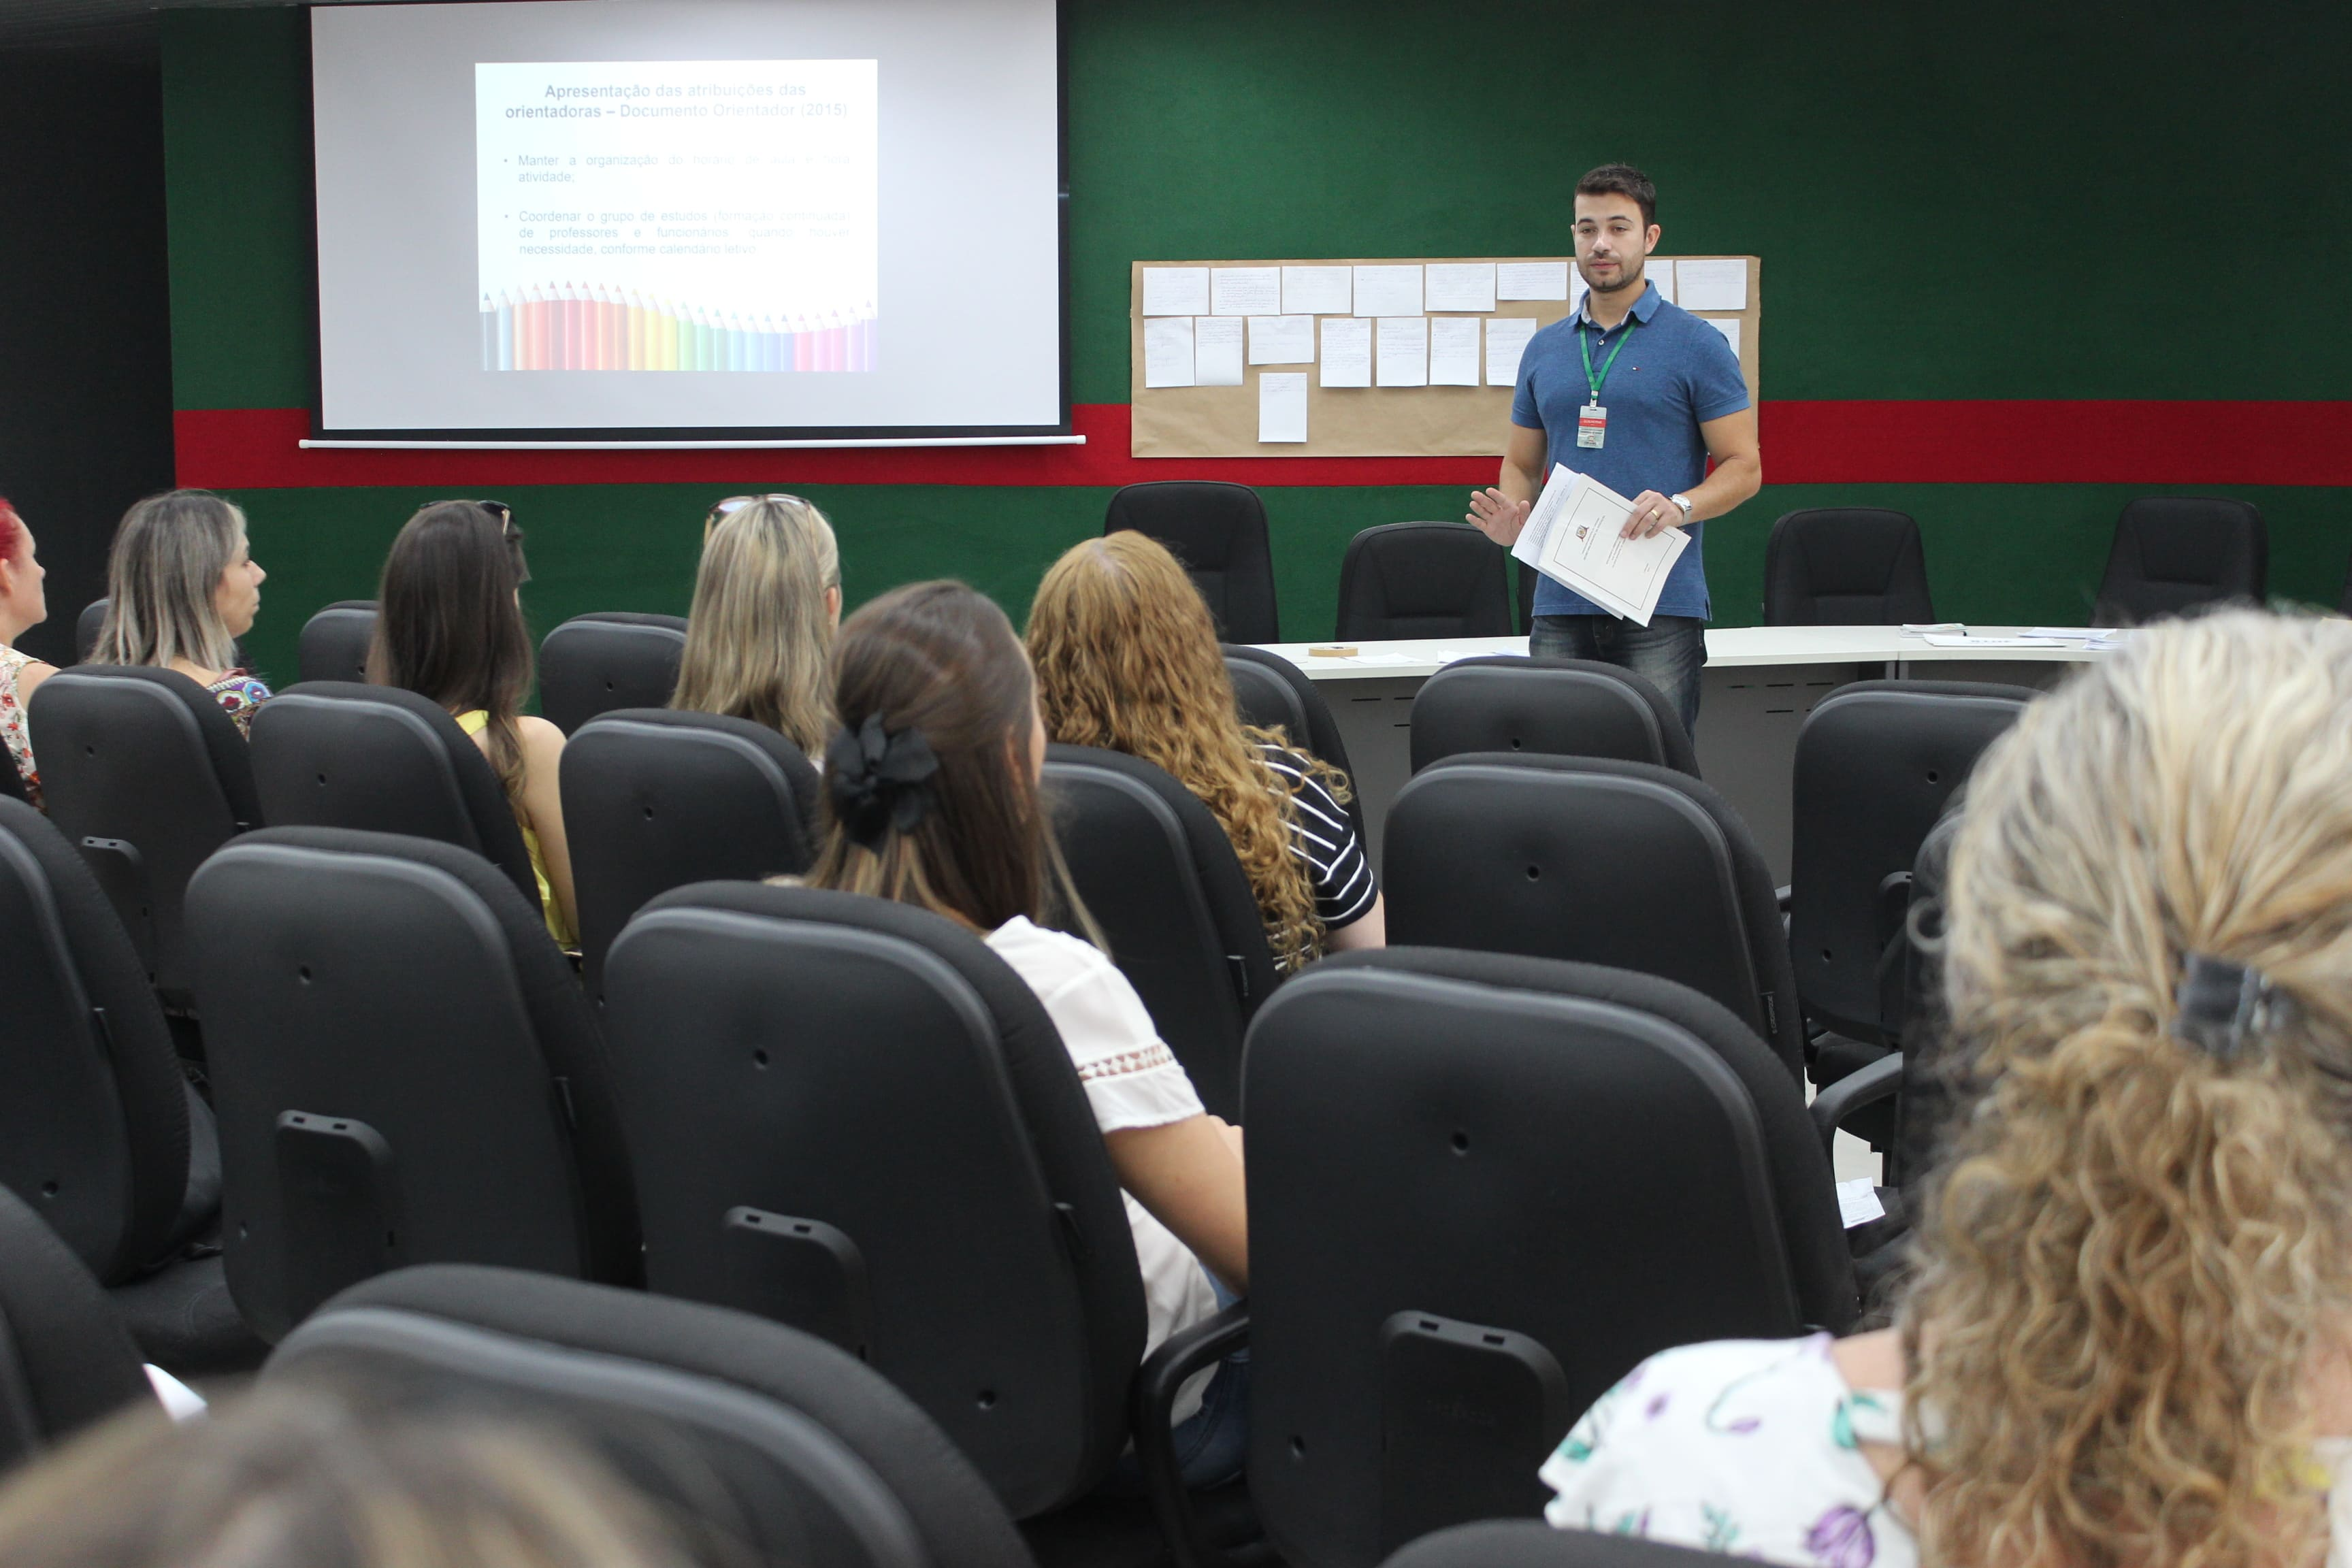 Prefeitura Municipal de Criciúma - Secretaria de Educação de Criciúma promove capacitação para orientadoras pedagógicas